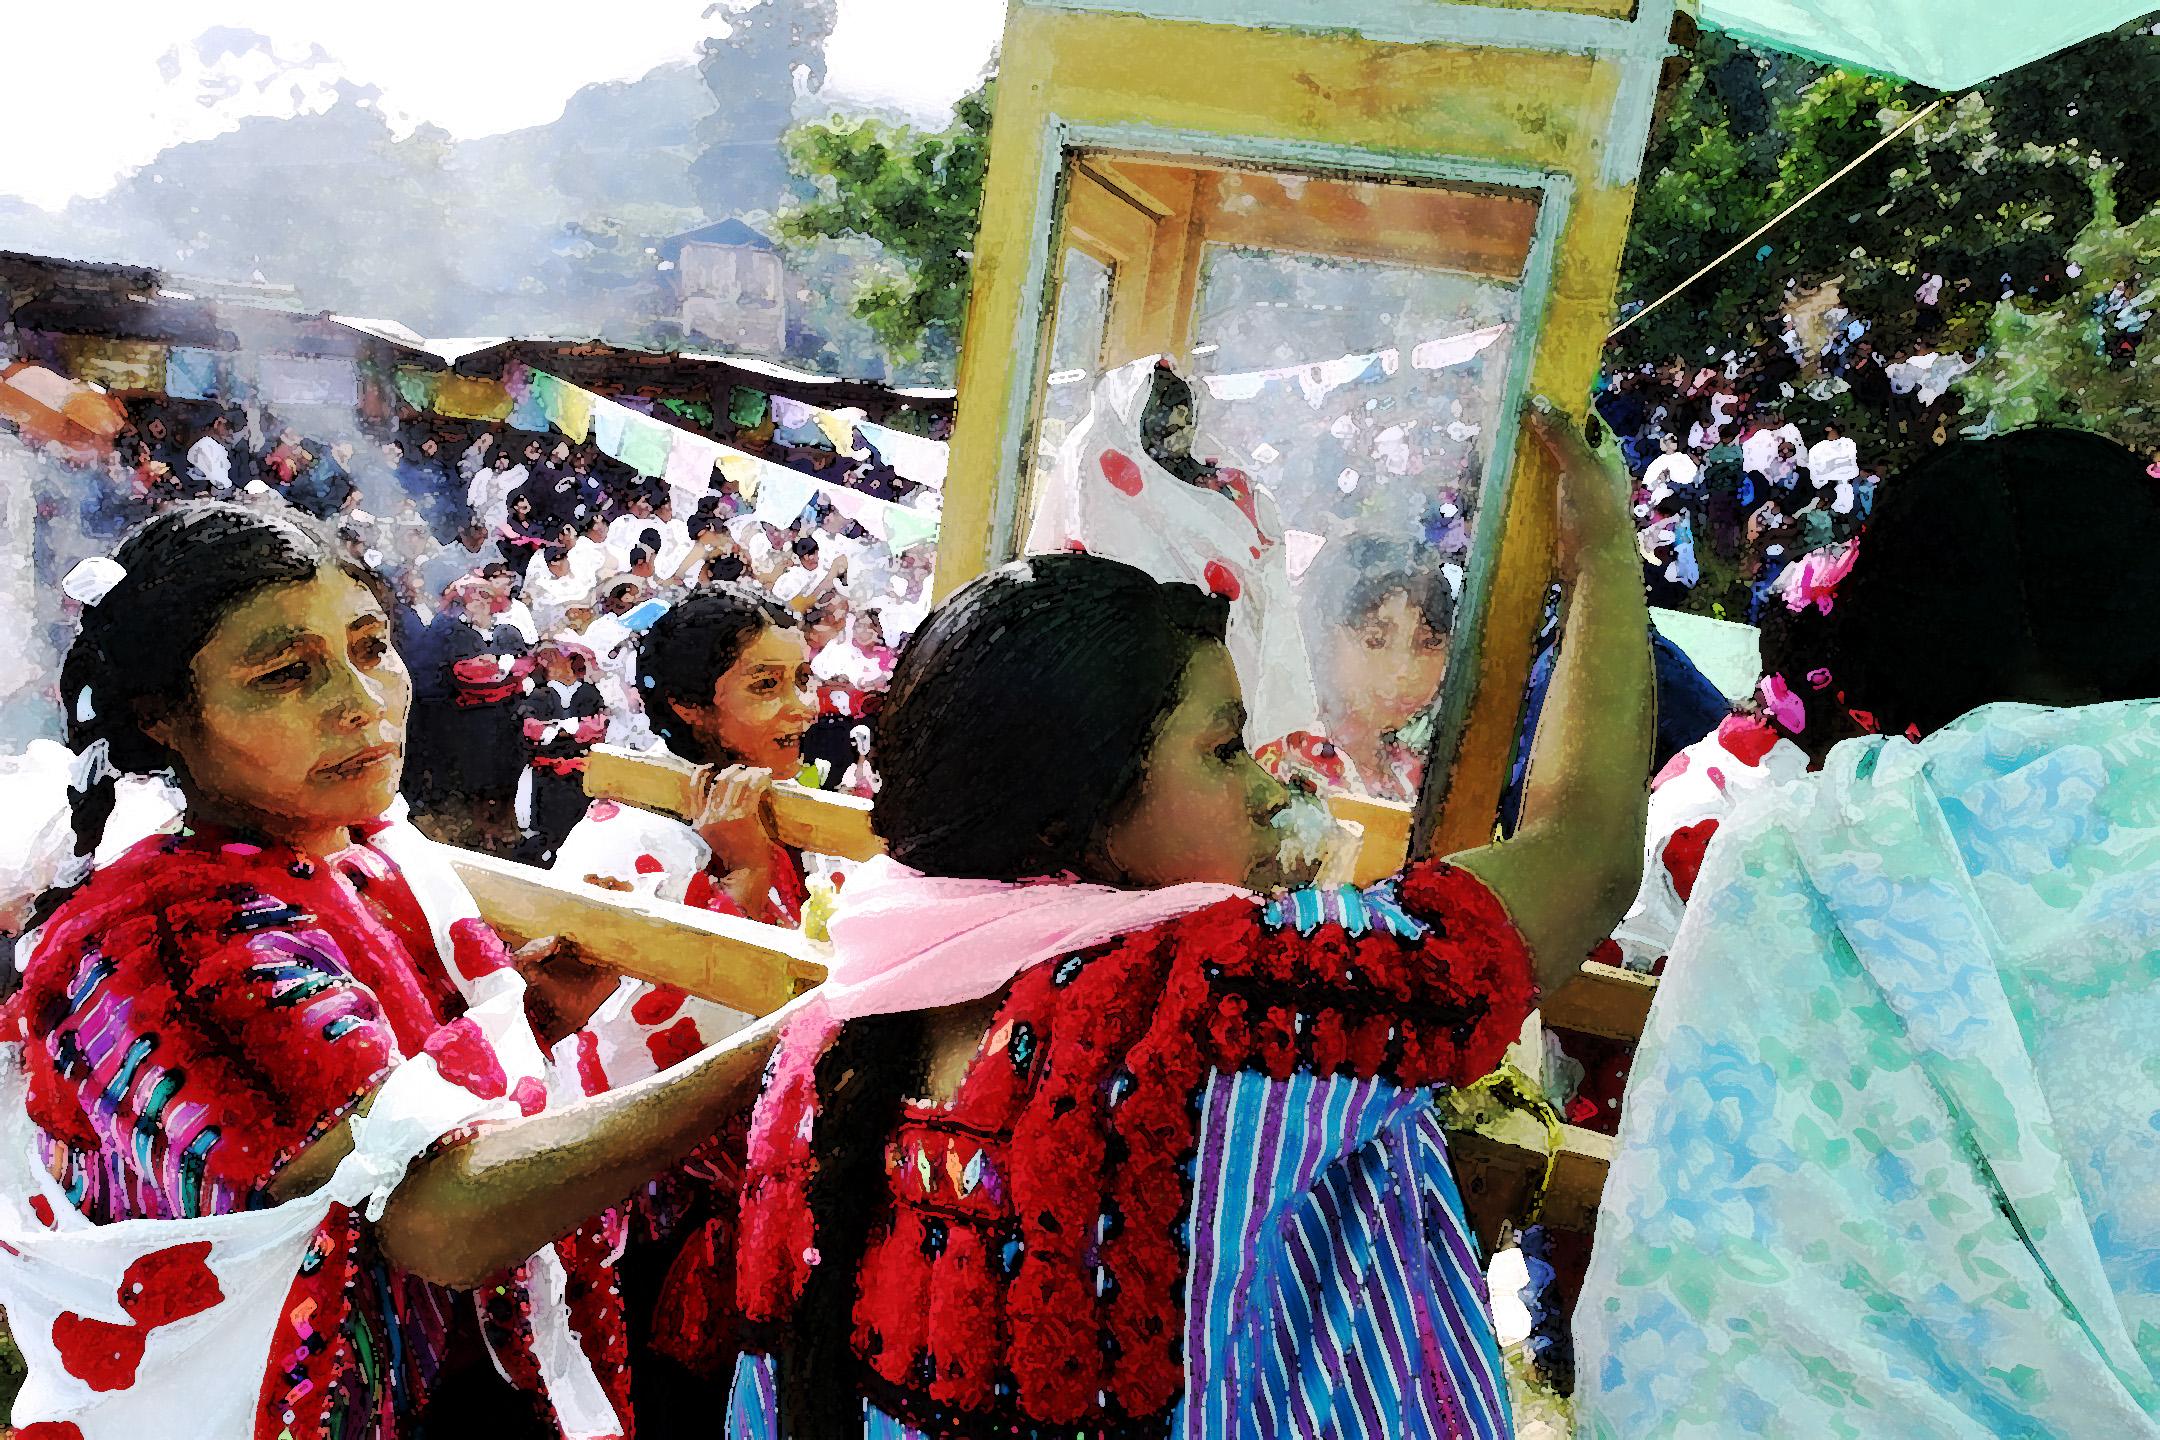 Acteal, La Virgen de la Masacre 2001